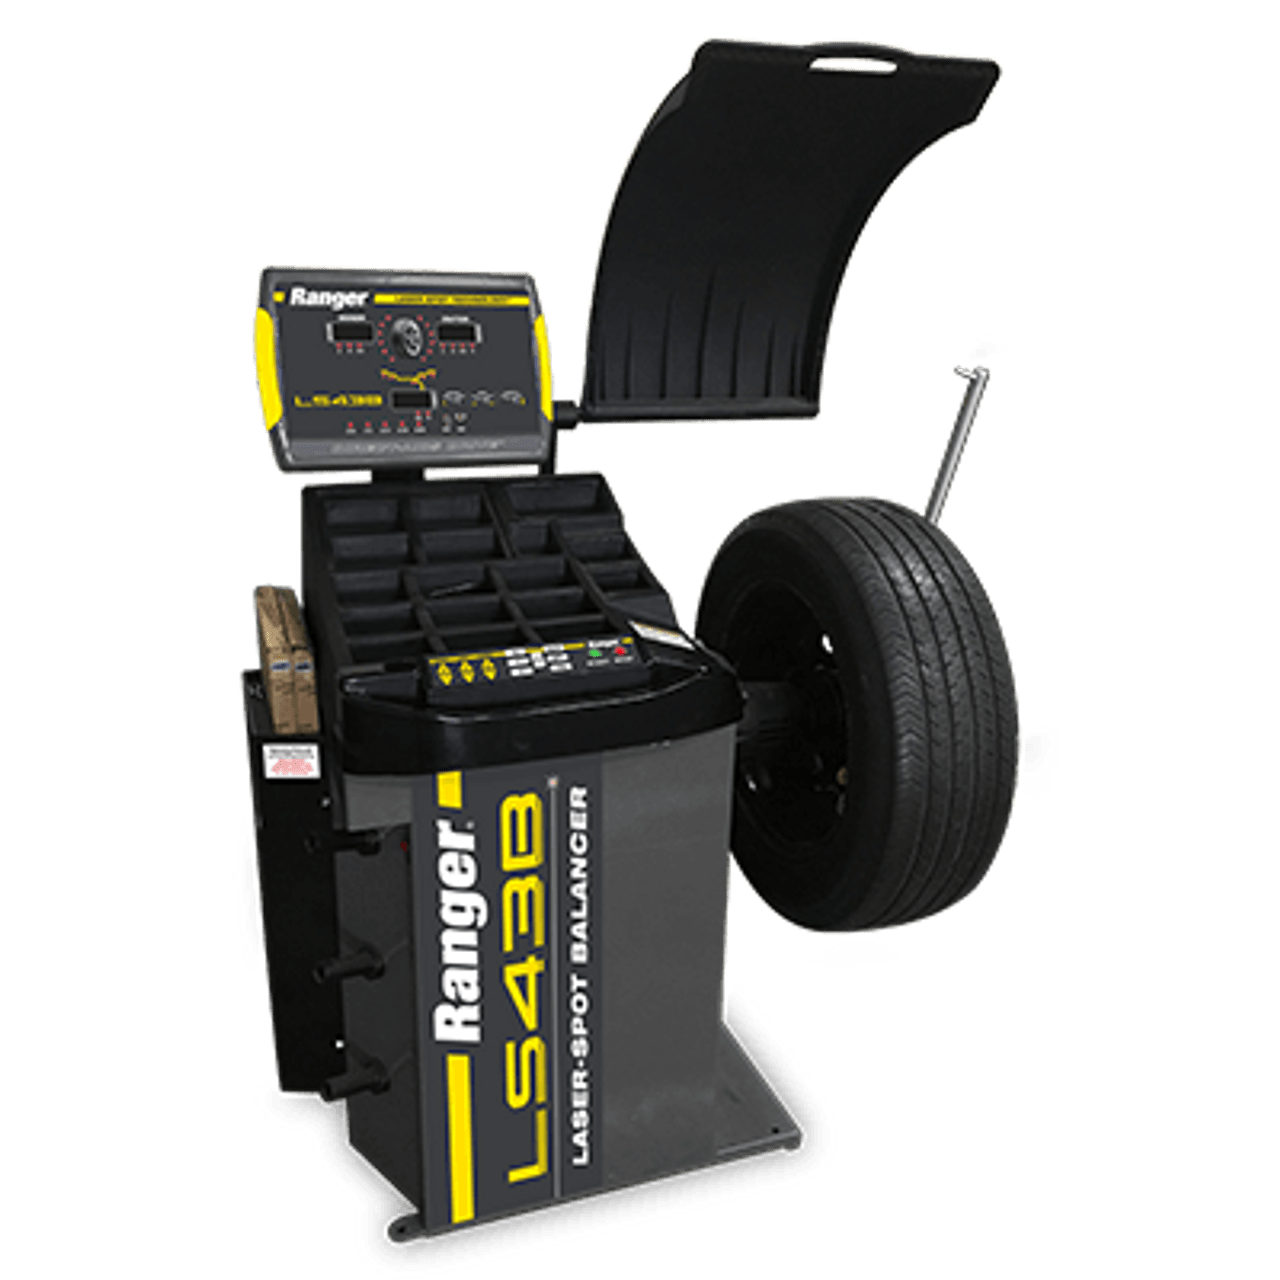 Ranger LS43B Wheel Balancer / 3D Quick-Touch™ Laser-Spot™ / 36 mm Shaft